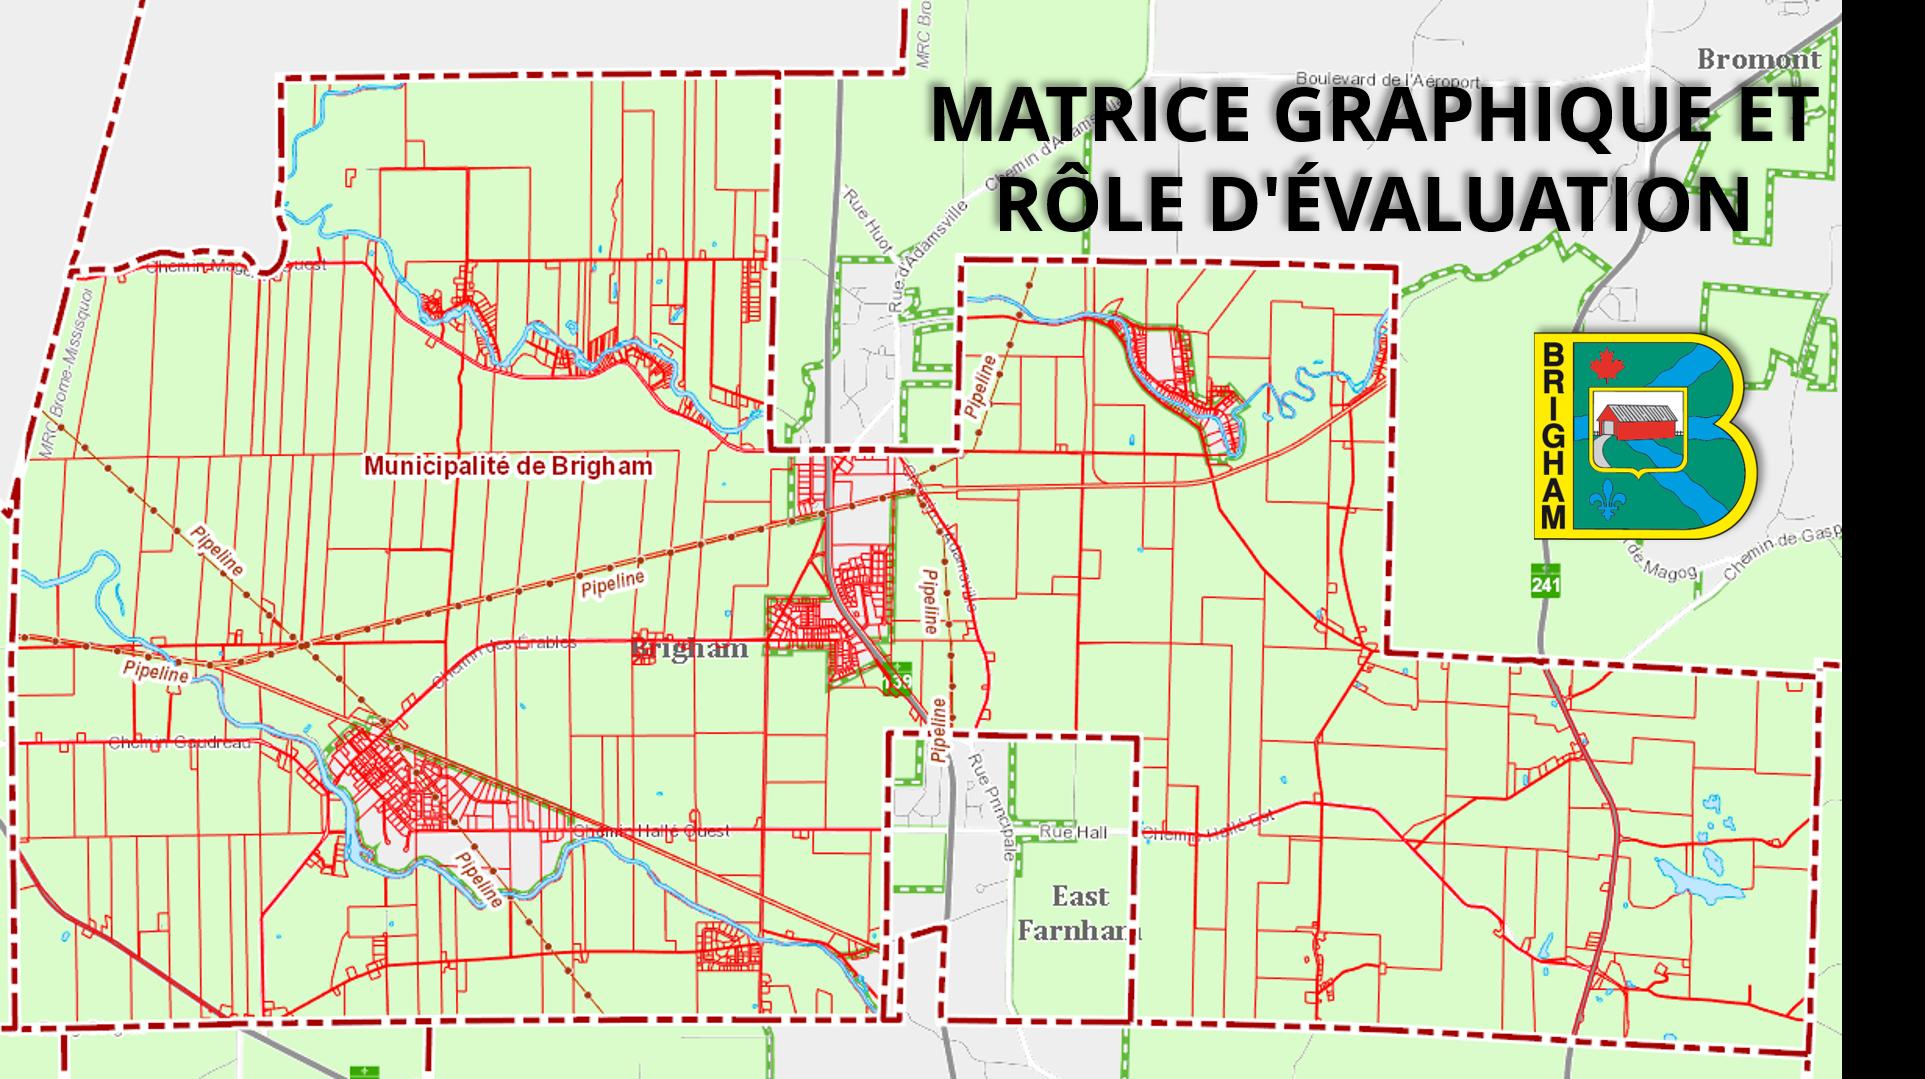 Matrice graphique et rôle d'évaluation